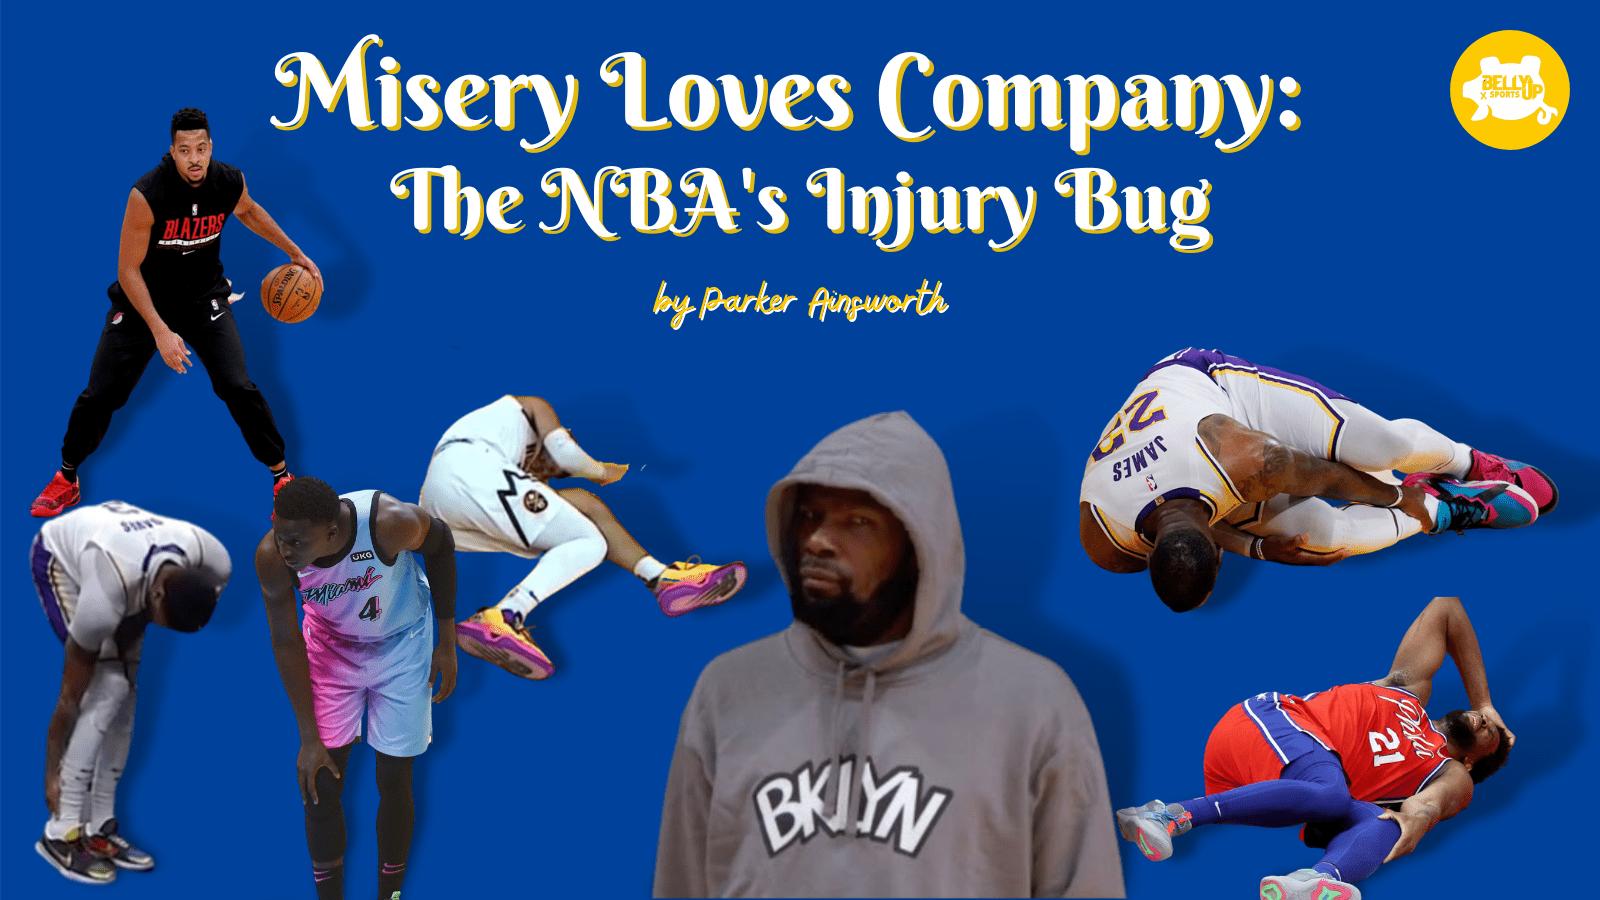 Misery Loves Company: NBA's Injury Bug